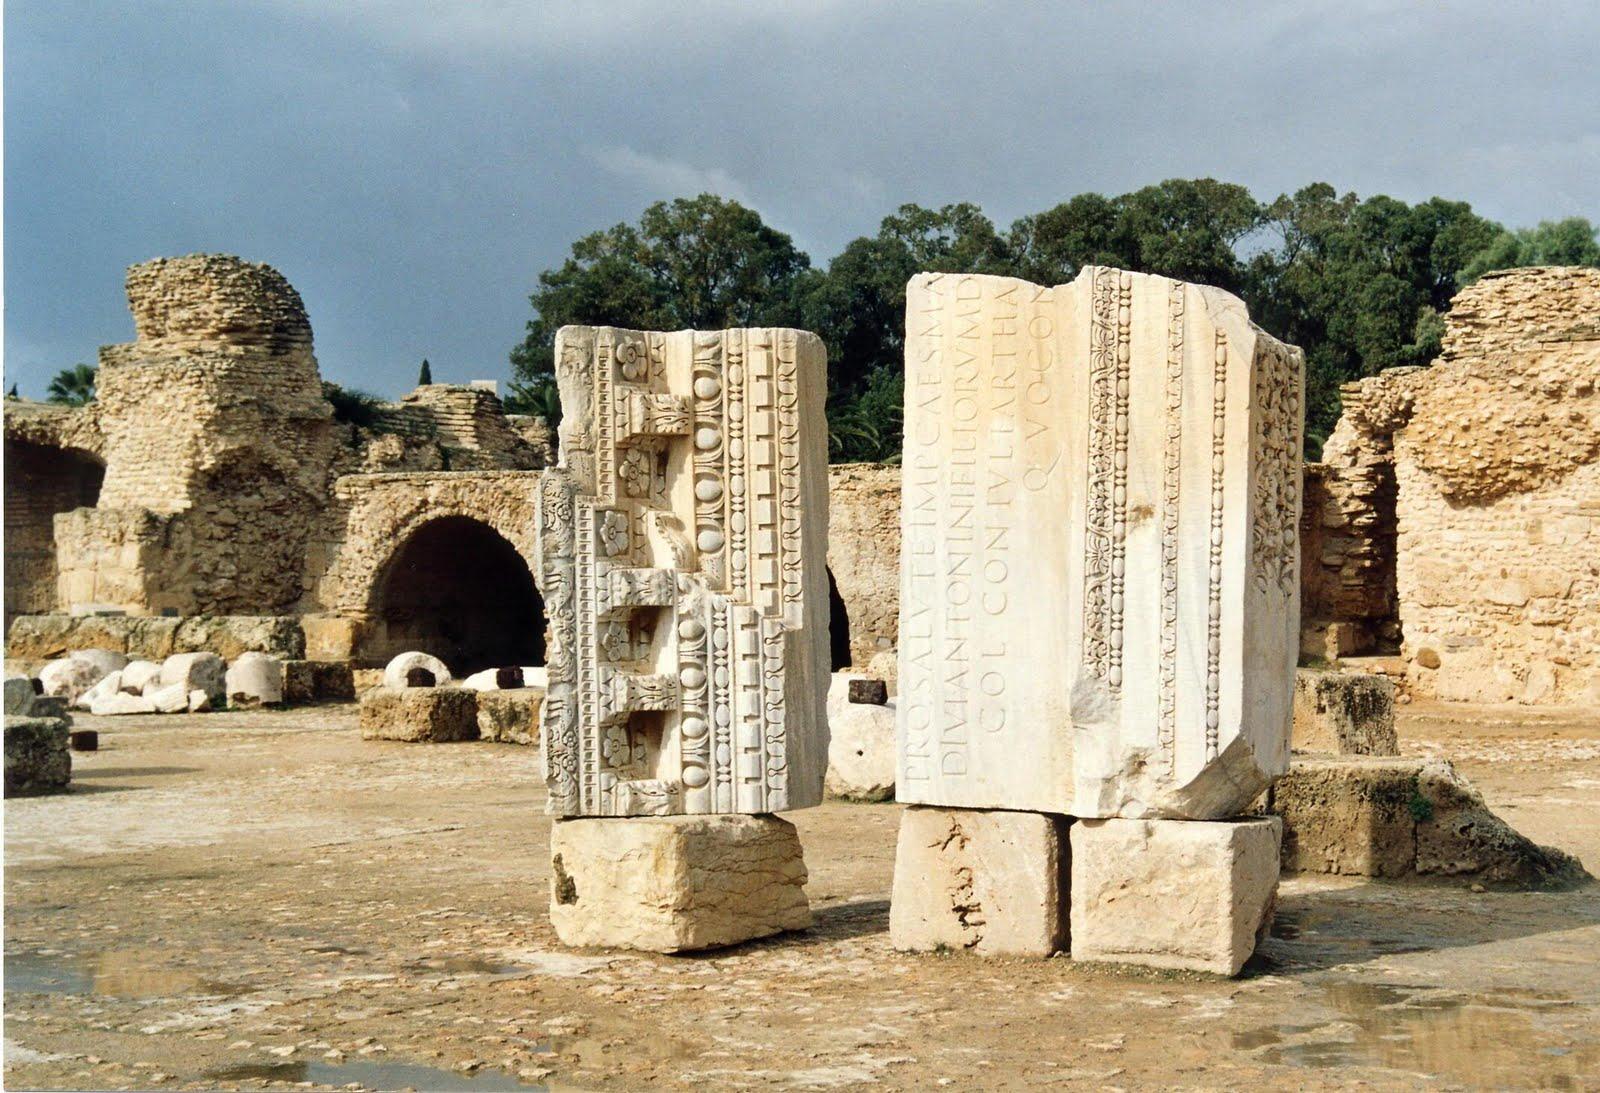 Sancara blog sull 39 africa il sito archeologico di cartagine for Immagini sito